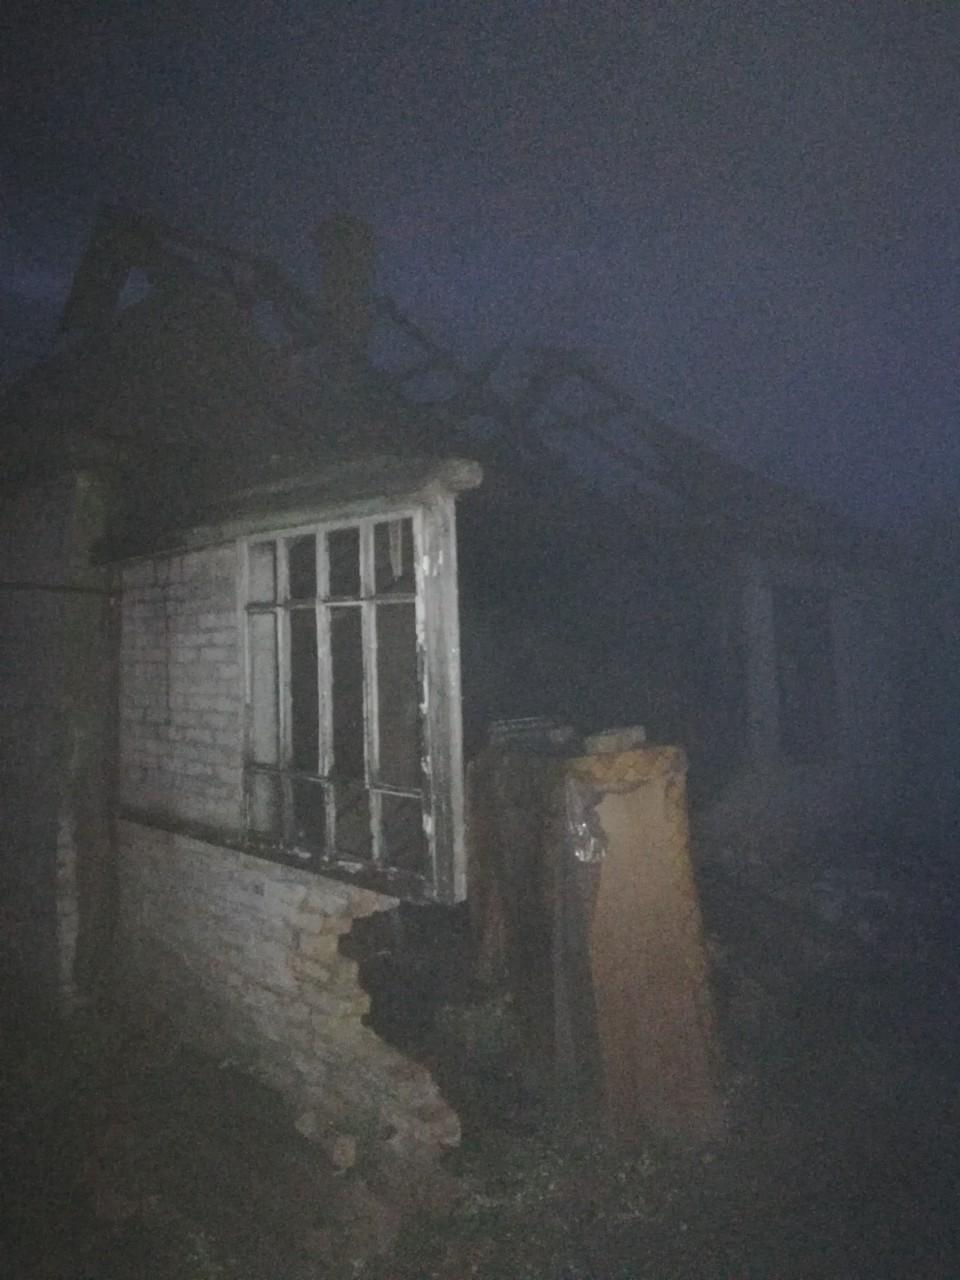 На Обухівщині загорівся будинок - рятувальники, пожежа, ДСНС - IMG a3972f151f3a4f4f71bed205c239e512 V